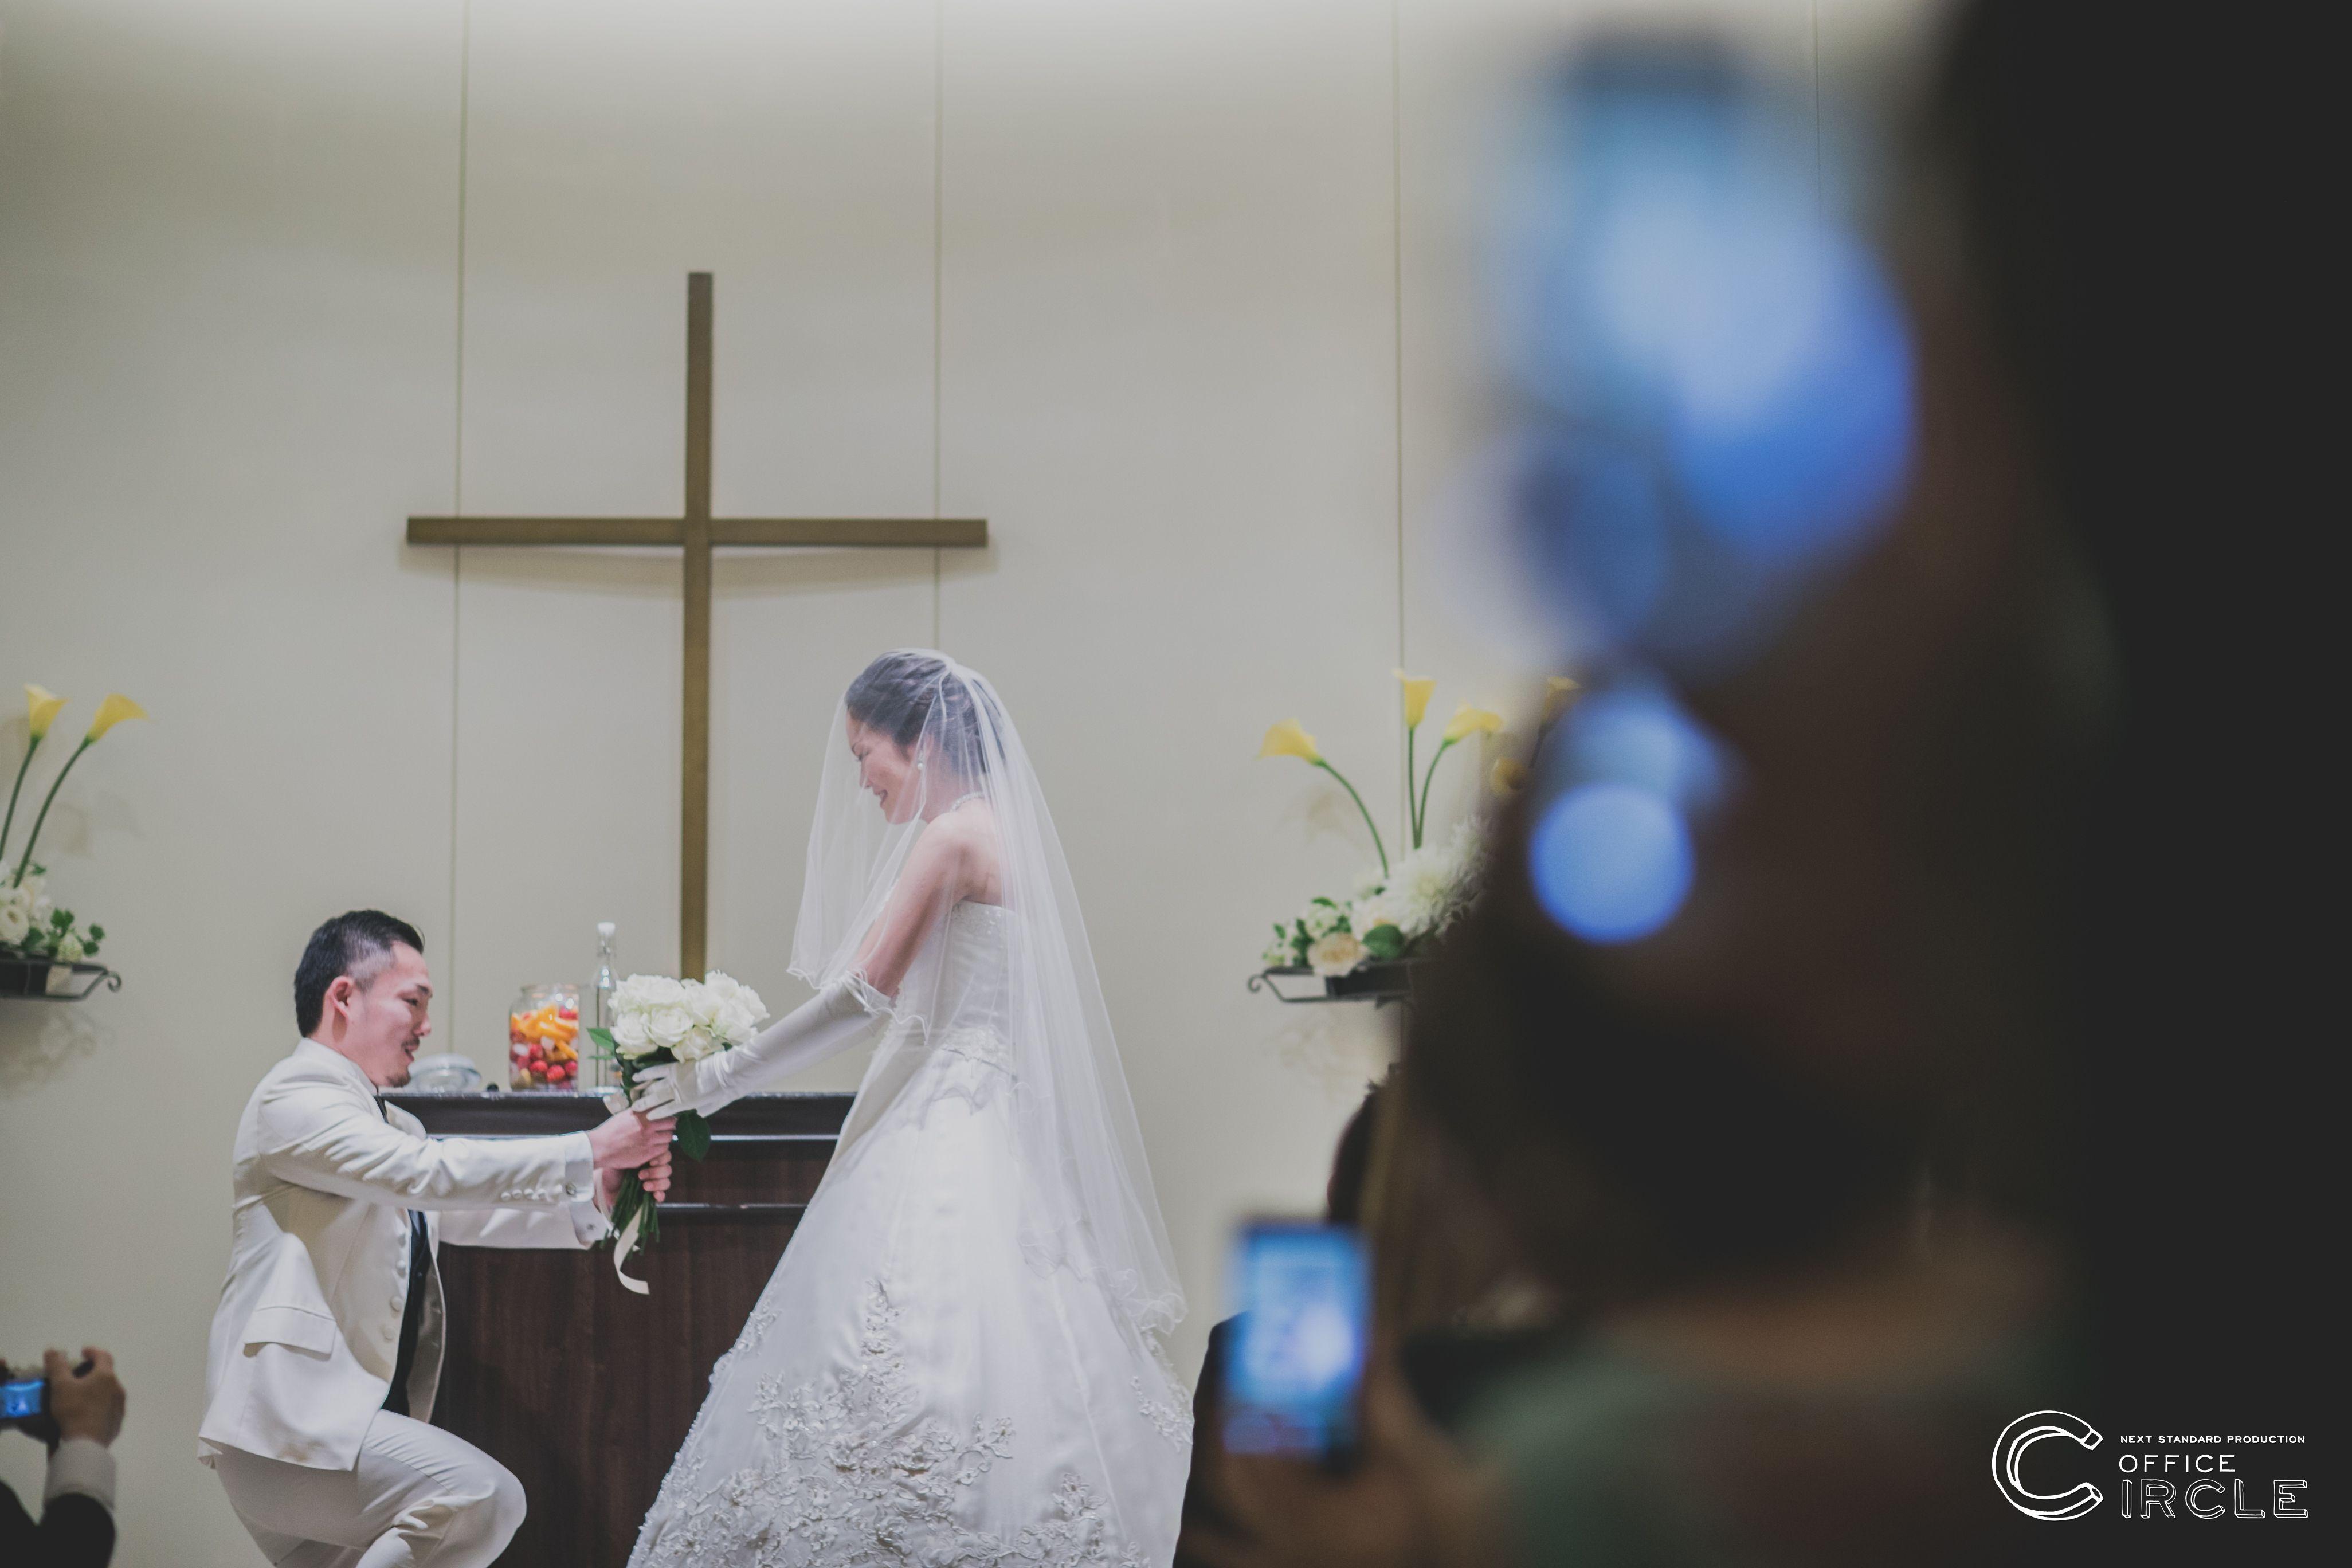 大切な人たちの前だからこそ 大切なプロポーズを 感動の瞬間もカタチに残します ロケーションフォト 前撮り フォトウェディング のご予約受付中です 人気の 和装前撮り もご予約可能 Corona 日本中のプレ花嫁さんと繋がりたい 結婚式カメ 結婚式